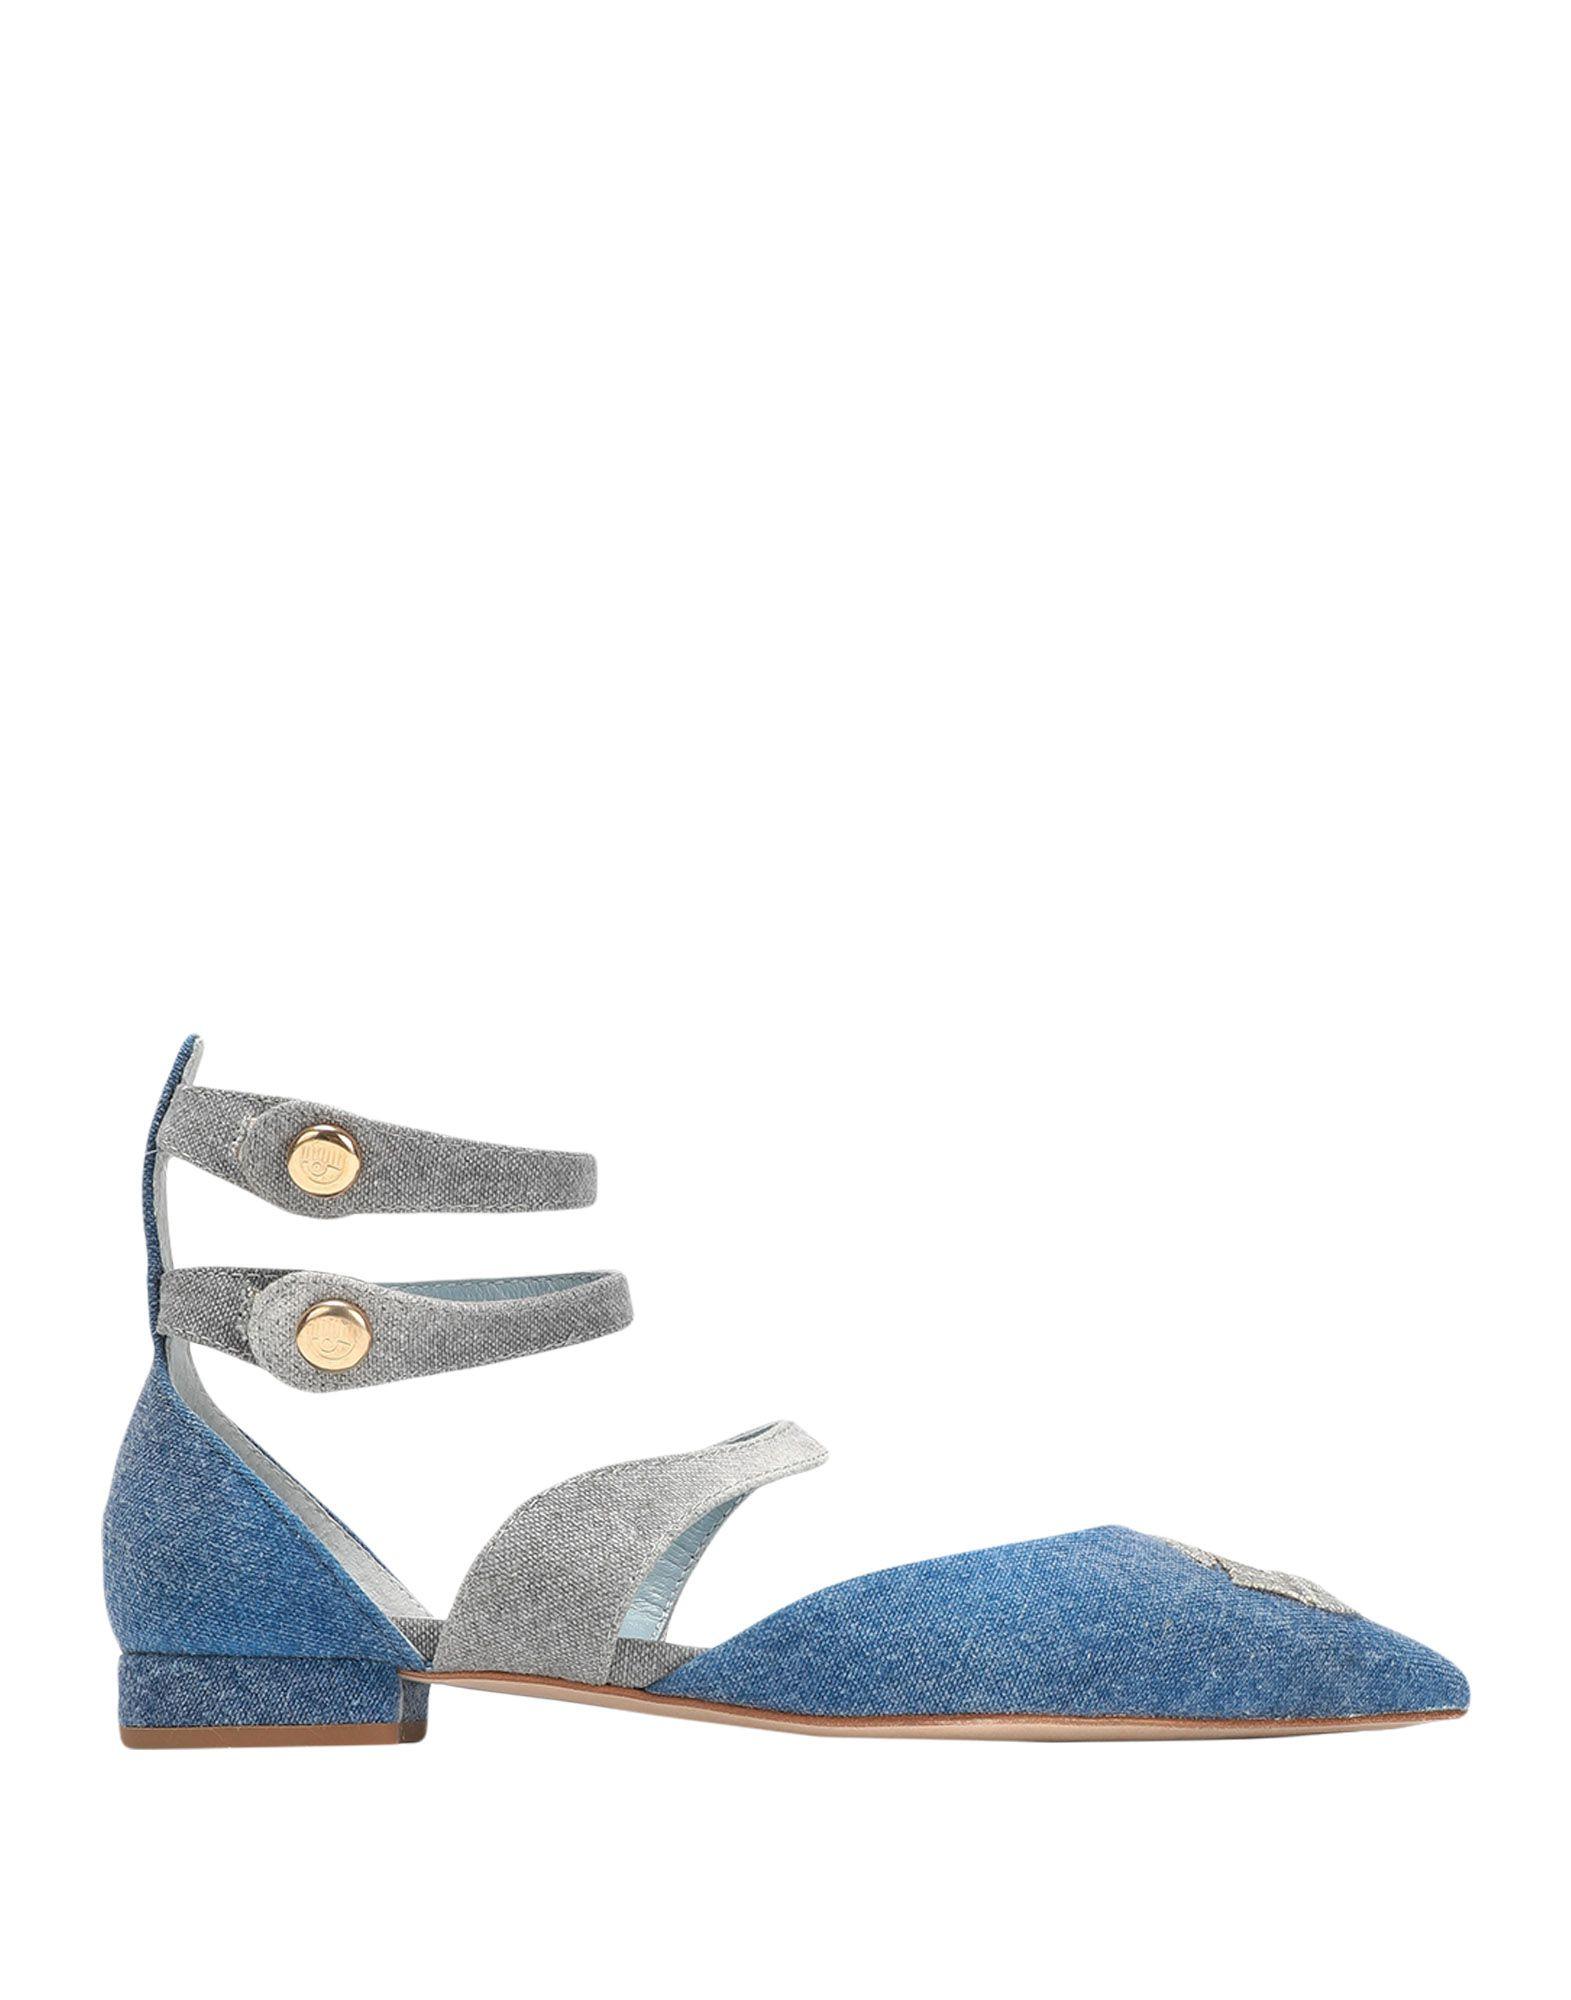 Stilvolle Ballerinas billige Schuhe Chiara Ferragni Ballerinas Stilvolle Damen  11554411EV 607b2a